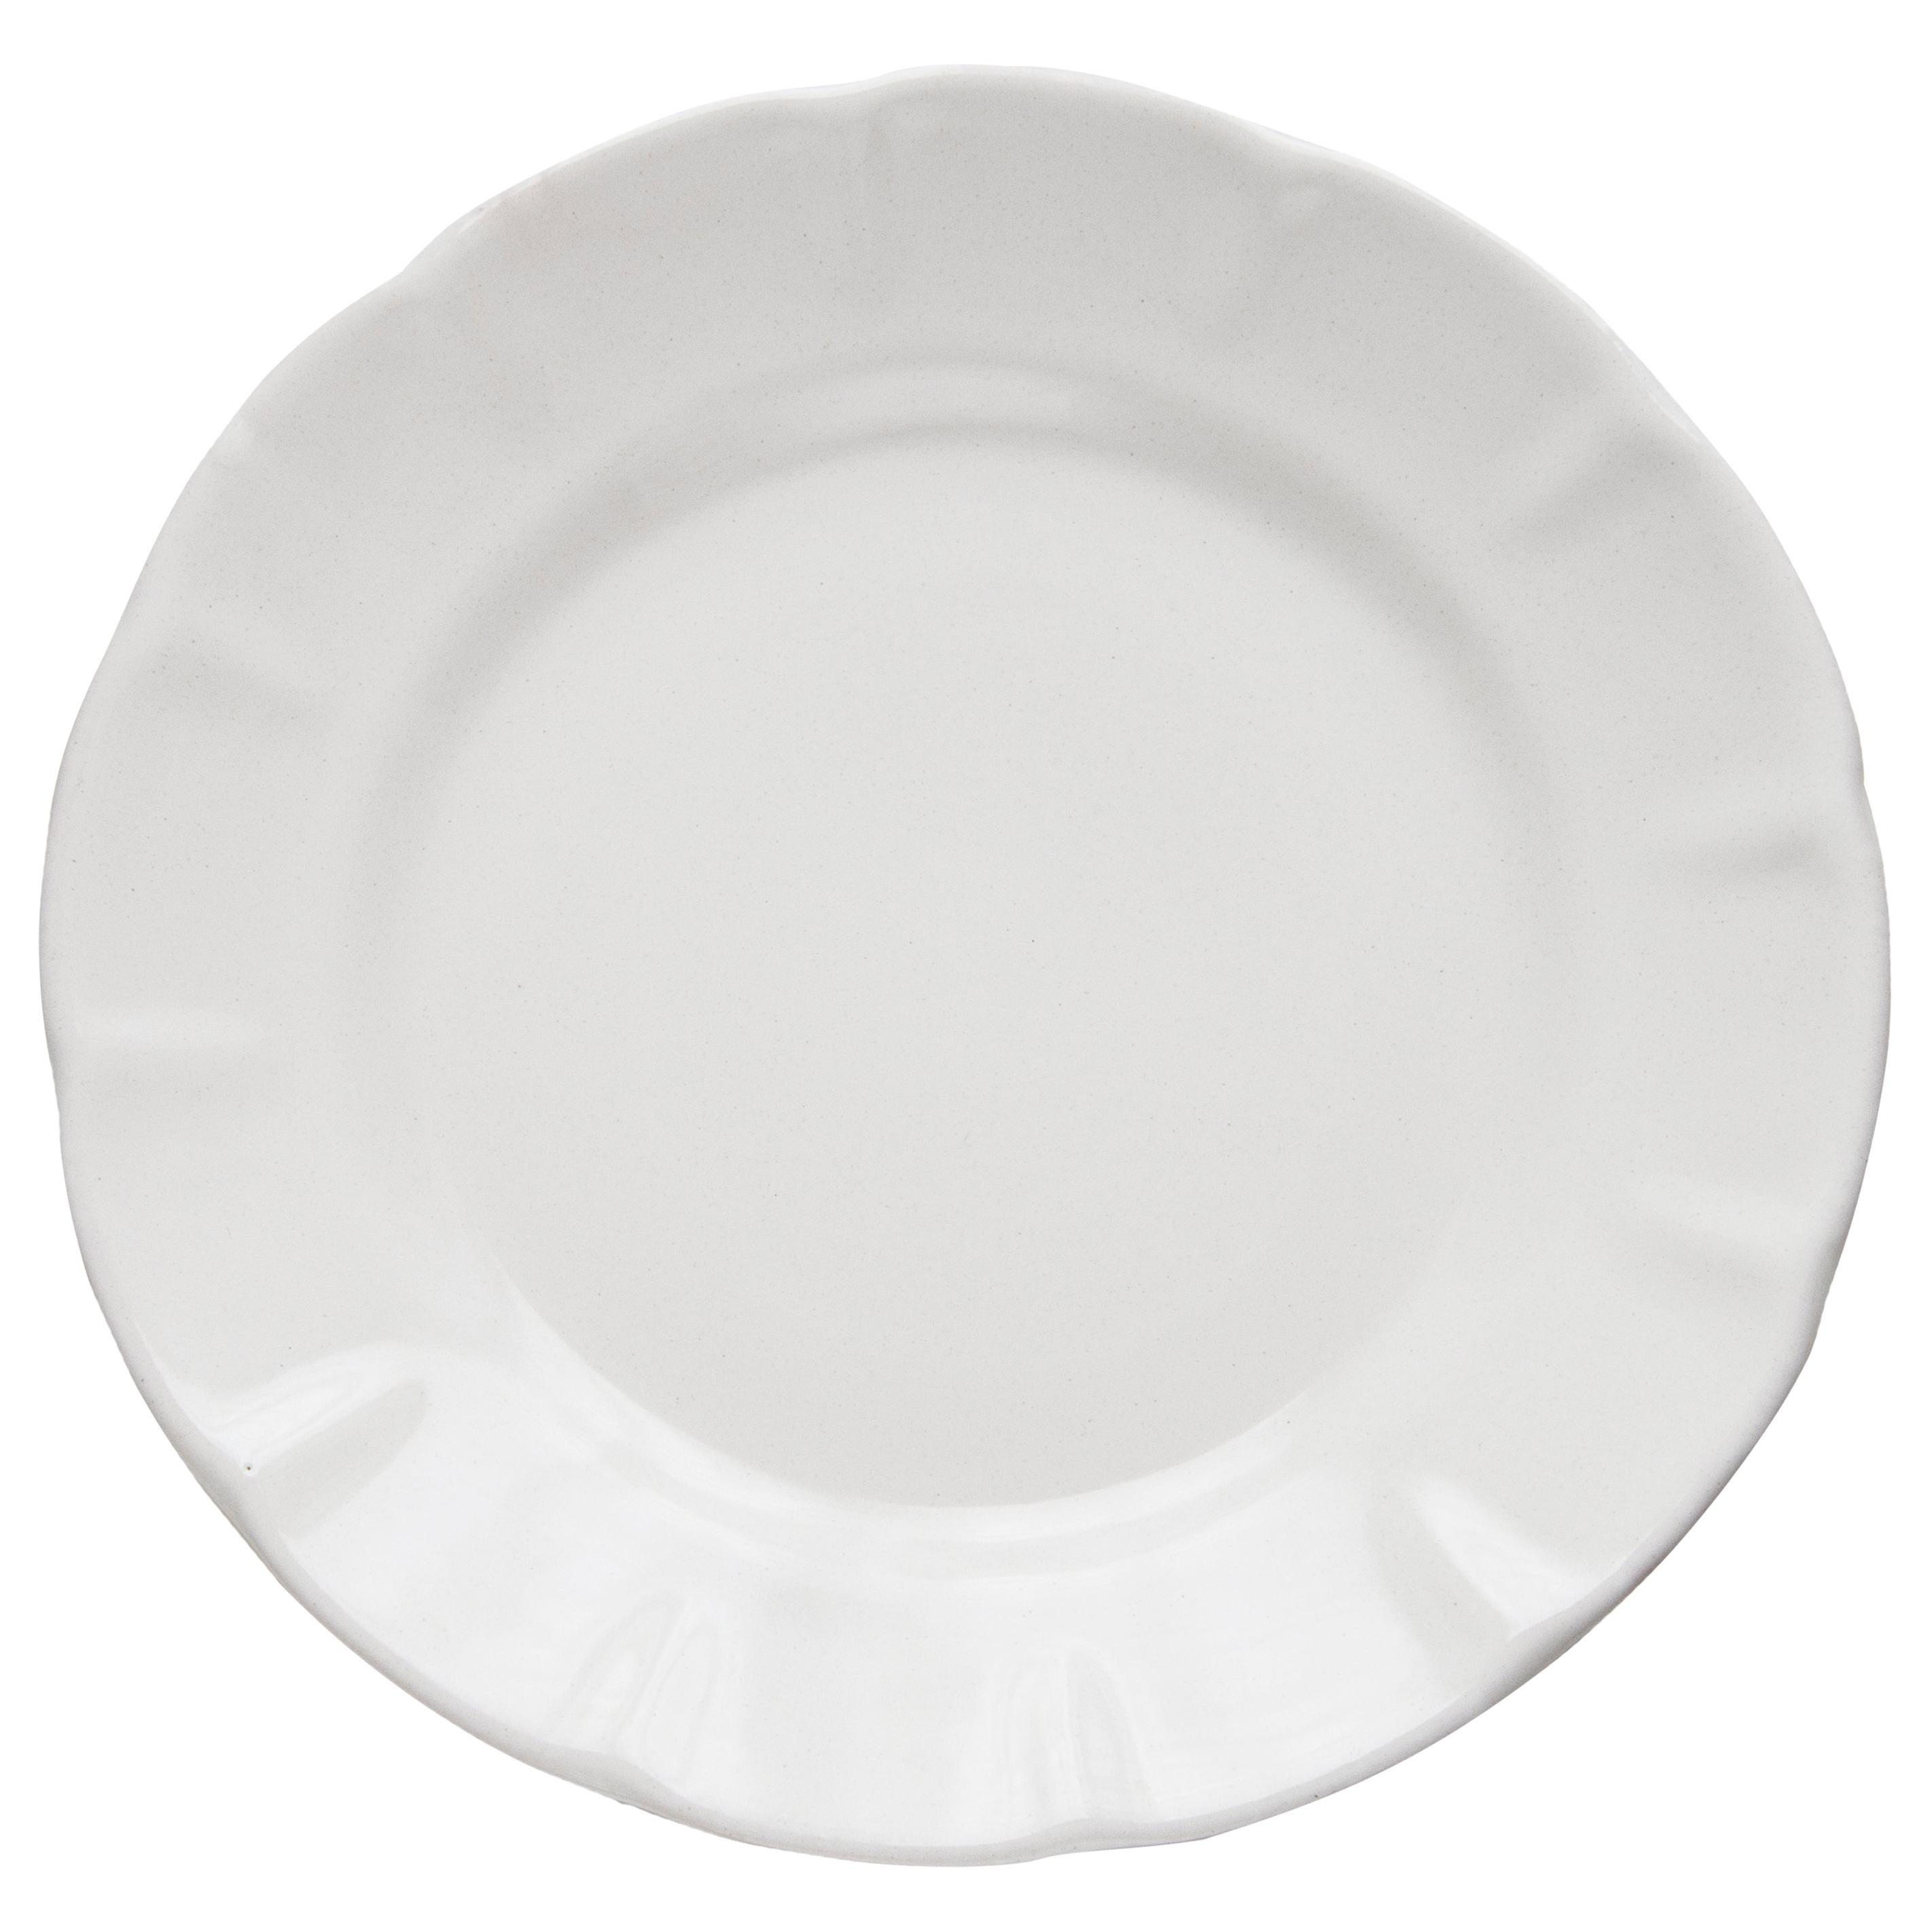 21st Century Ceramic Dinner Plate White Handmade